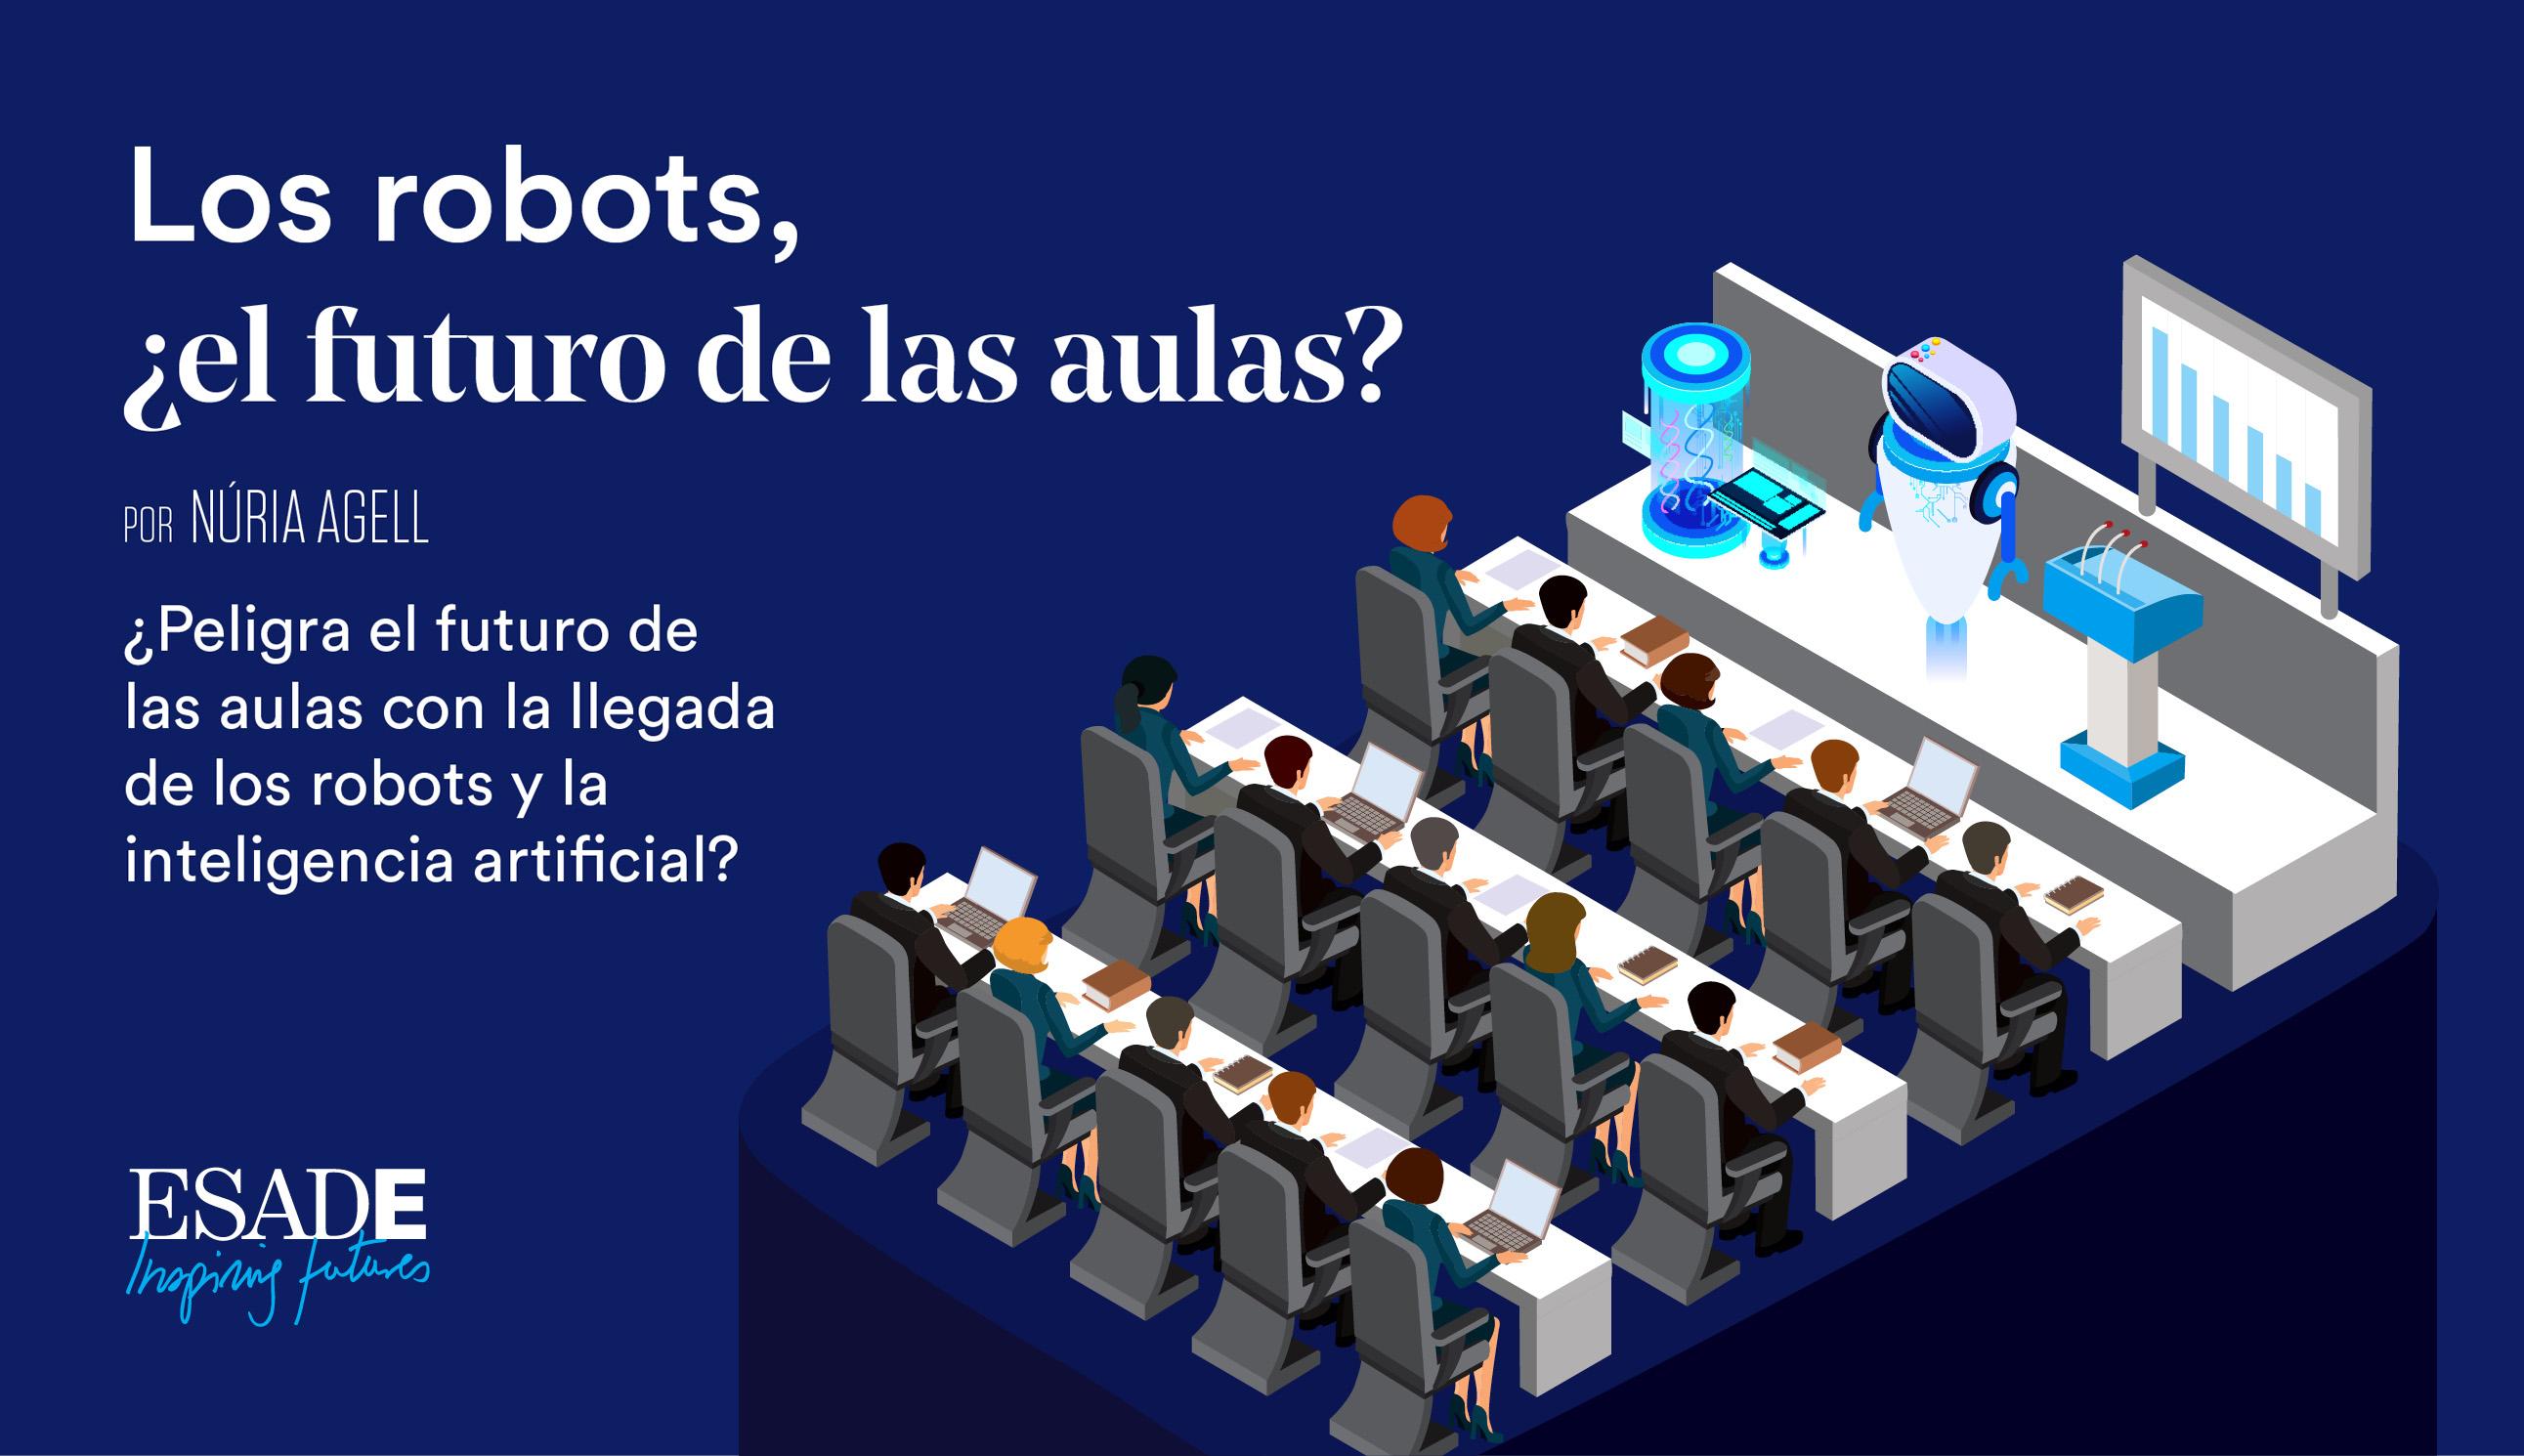 IDEAMERICAS_Nuria Agell-RobotsAulas